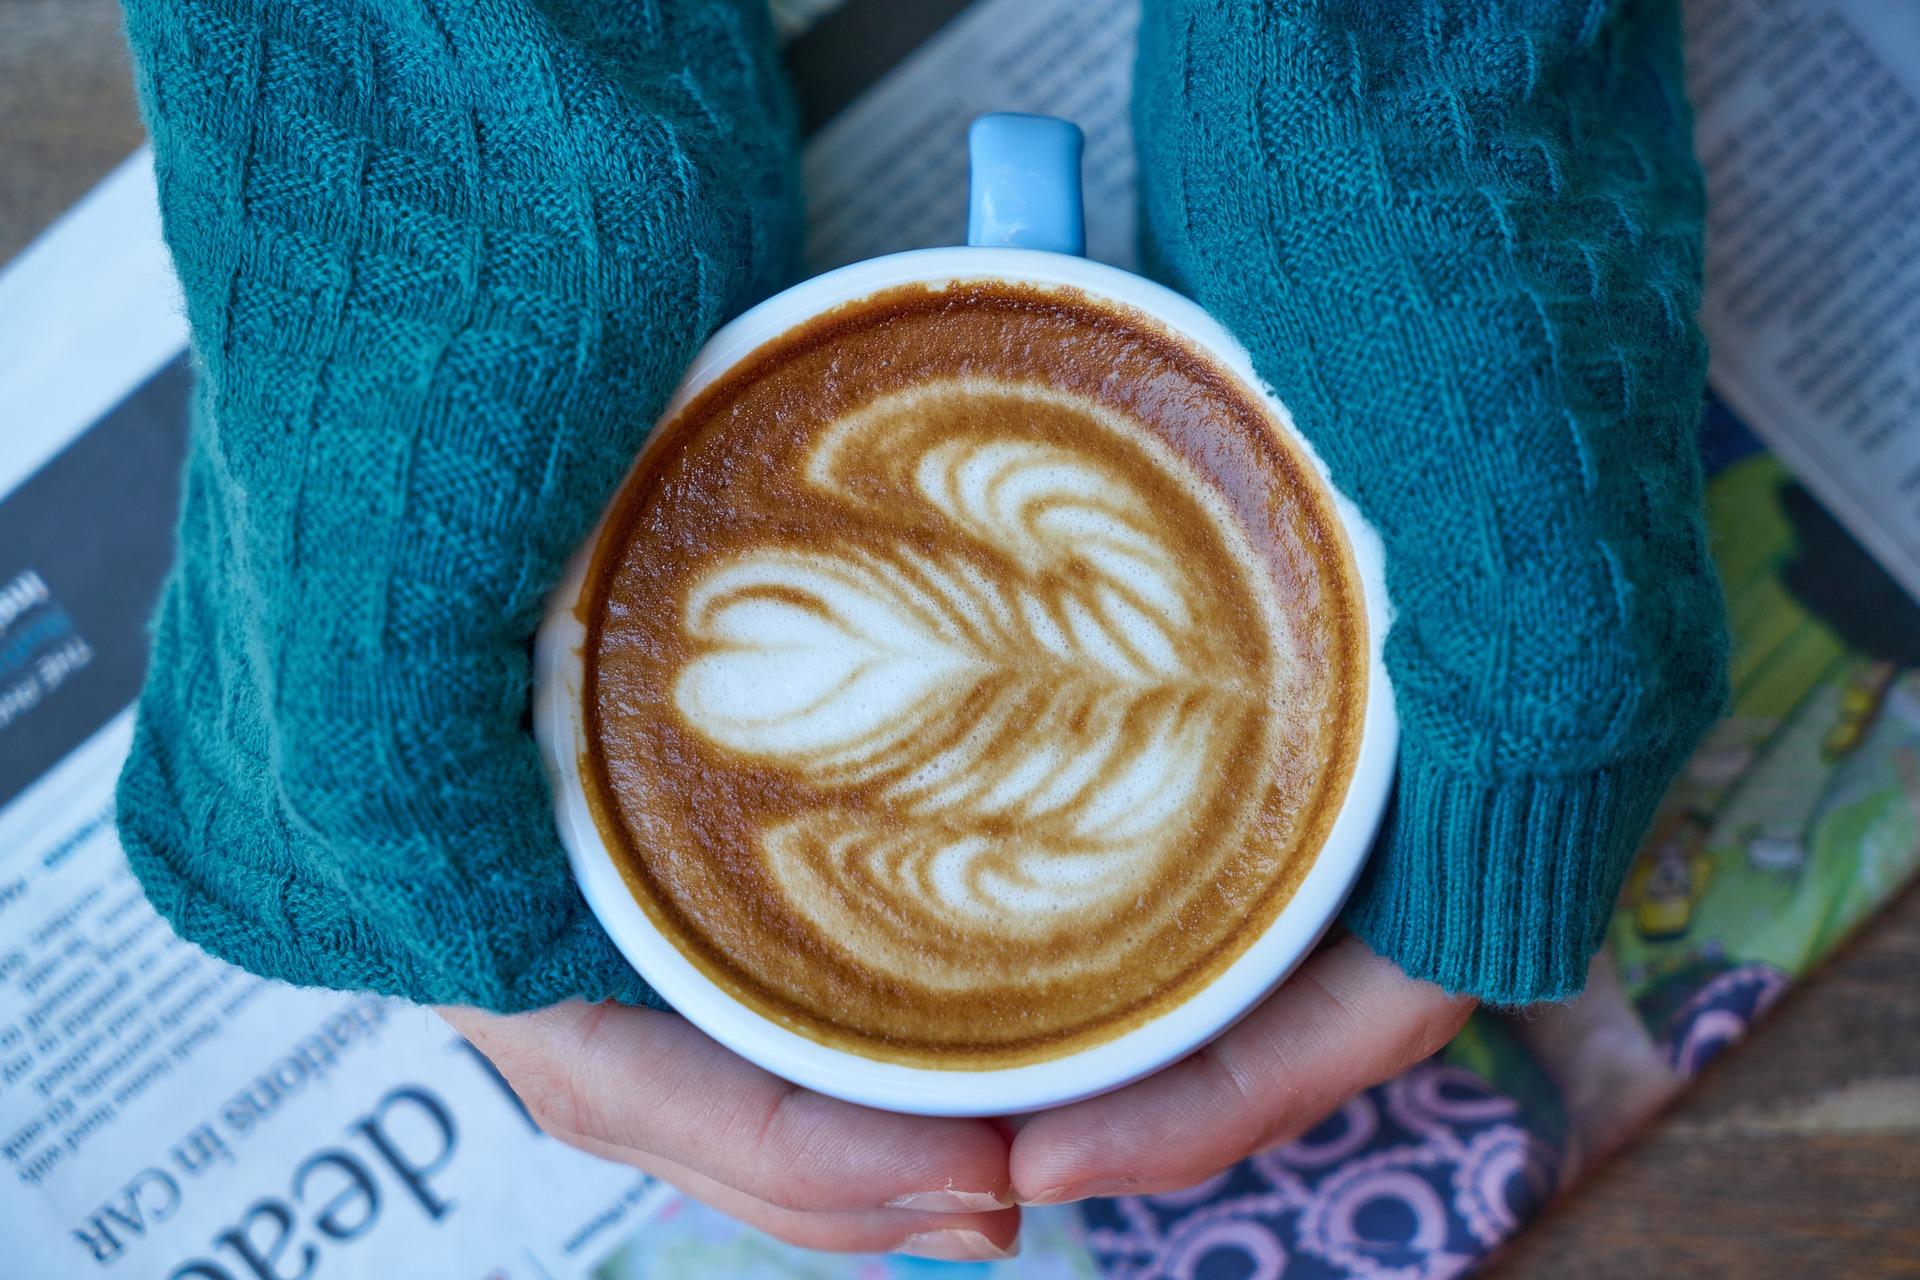 coffee-2440009_1920